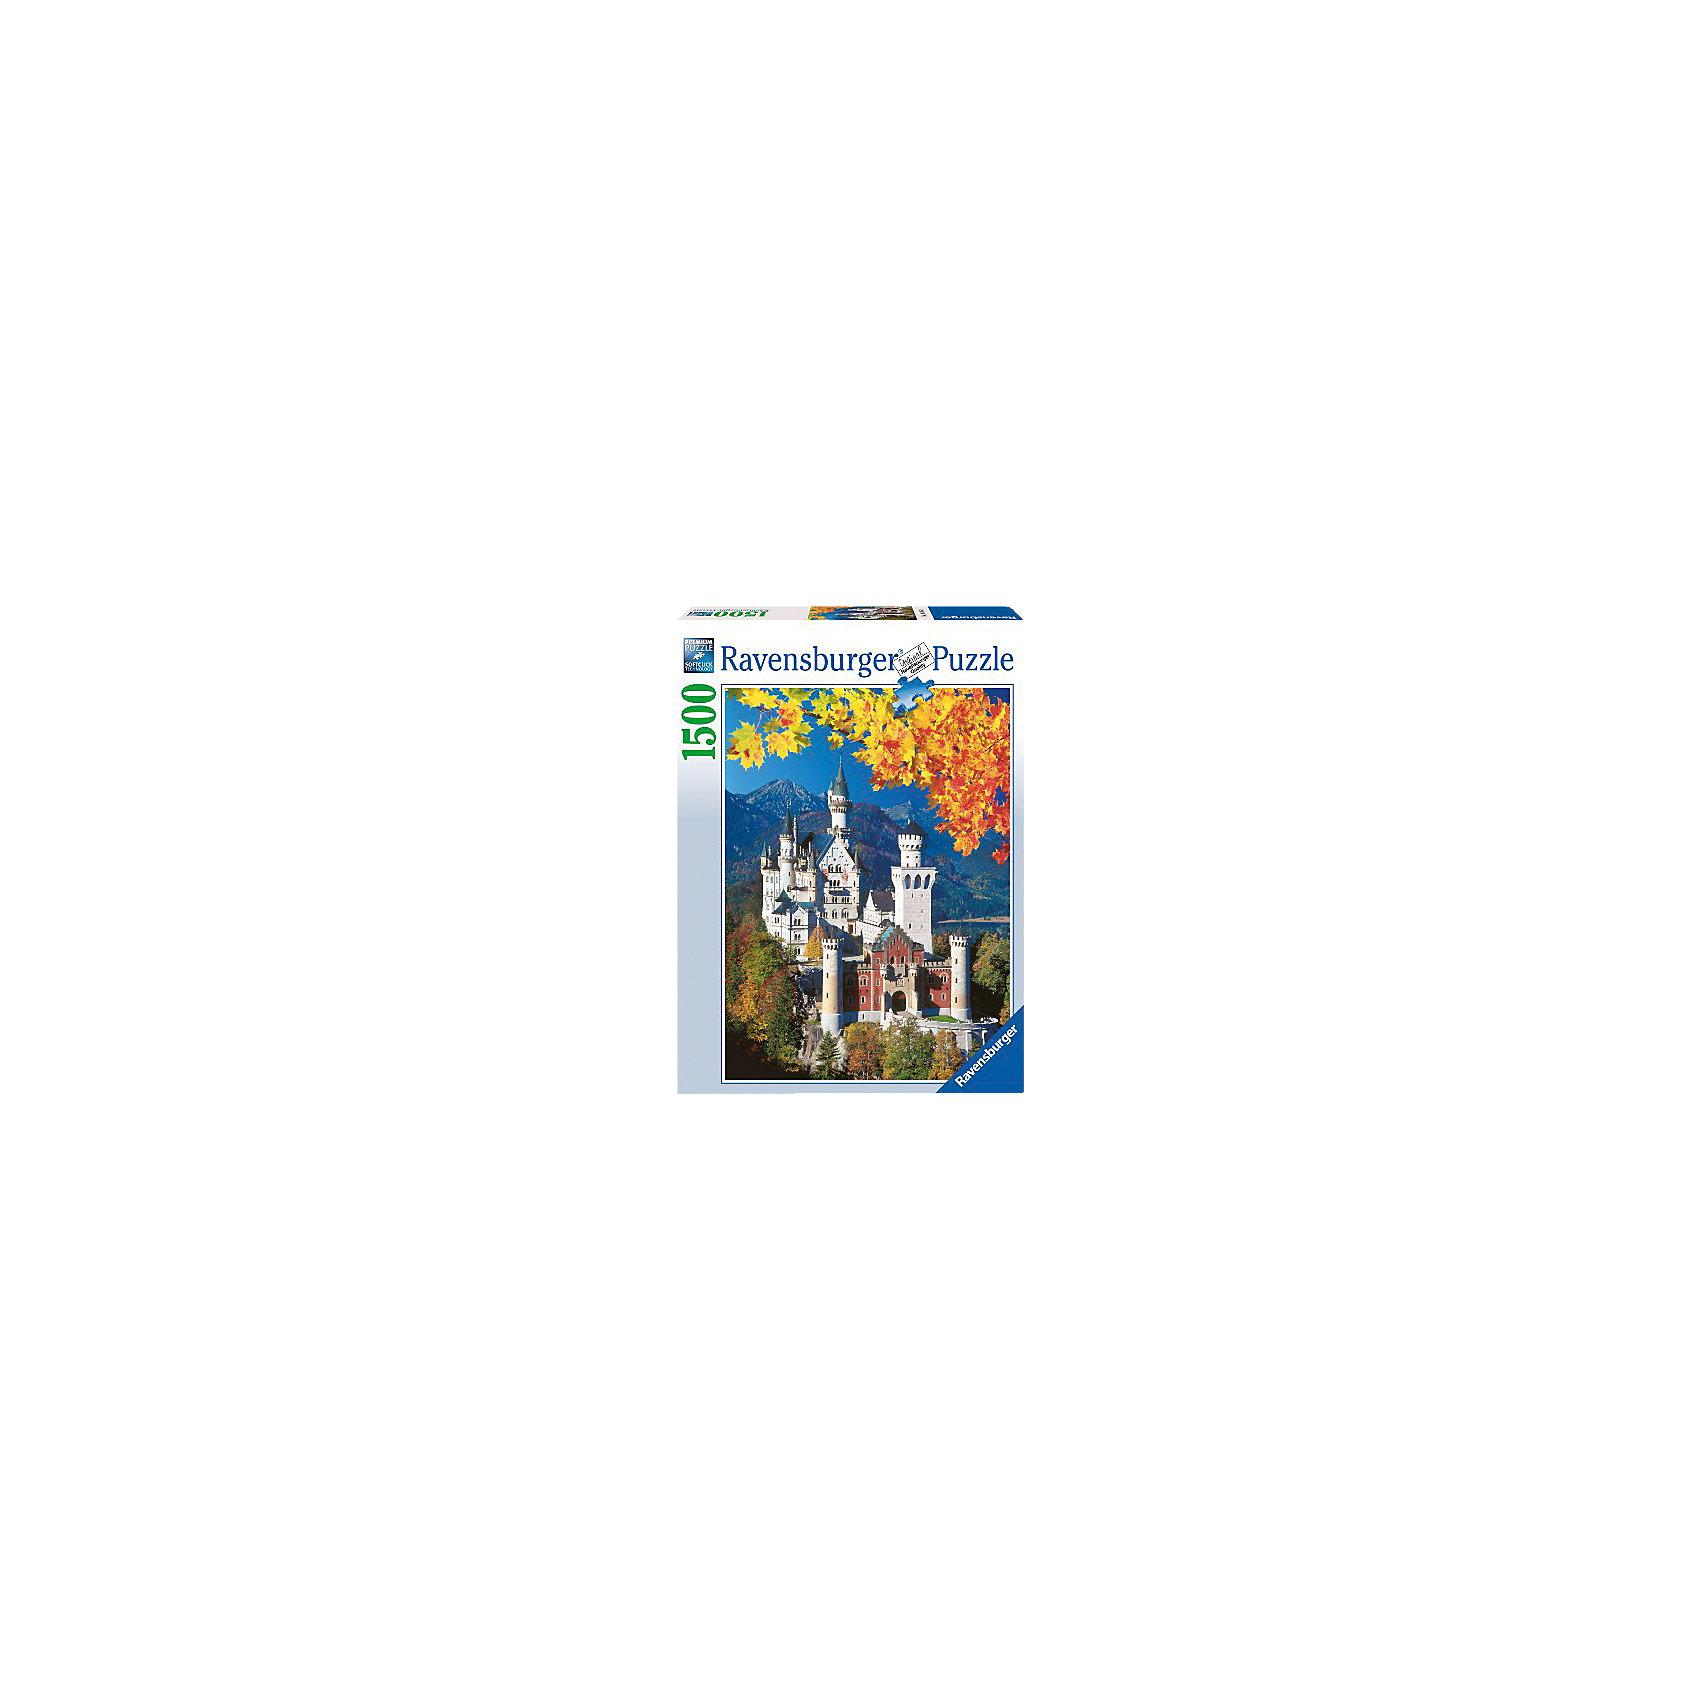 Ravensburger Пазл «Осенний Нойшвандеталейайн» 1500 деталей, Ravensburger ravensburger пазл тихая бухта 1500 деталей